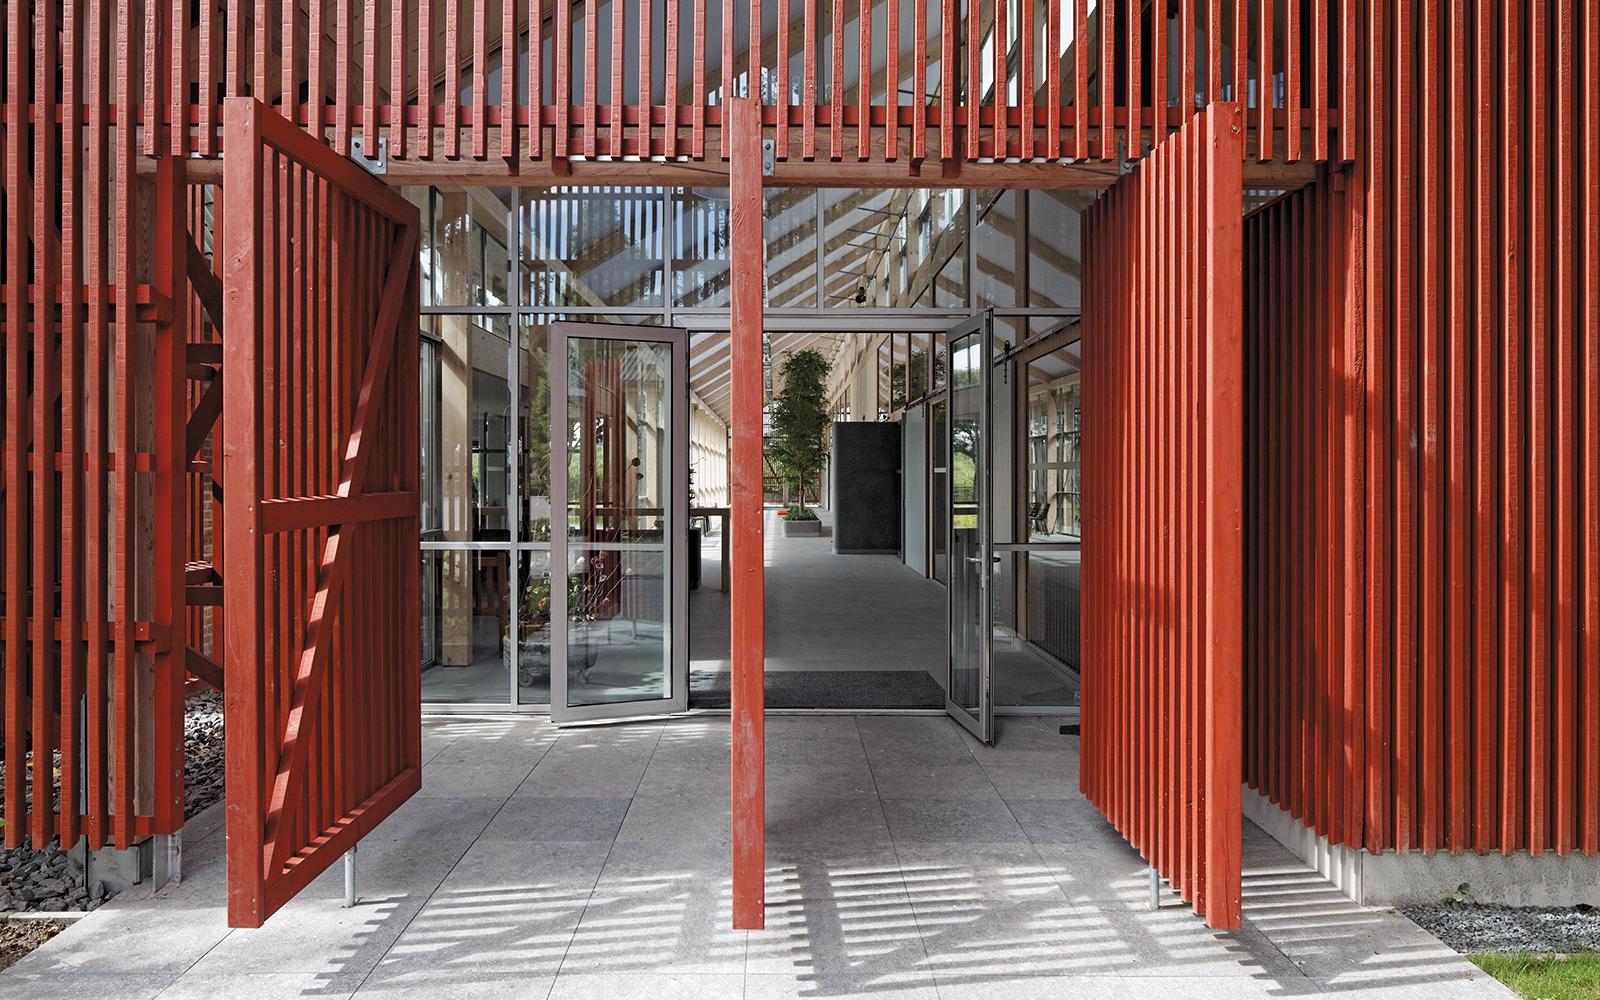 Van Helvoirt Groenprojecten Rood gebouw met een groen verhaal